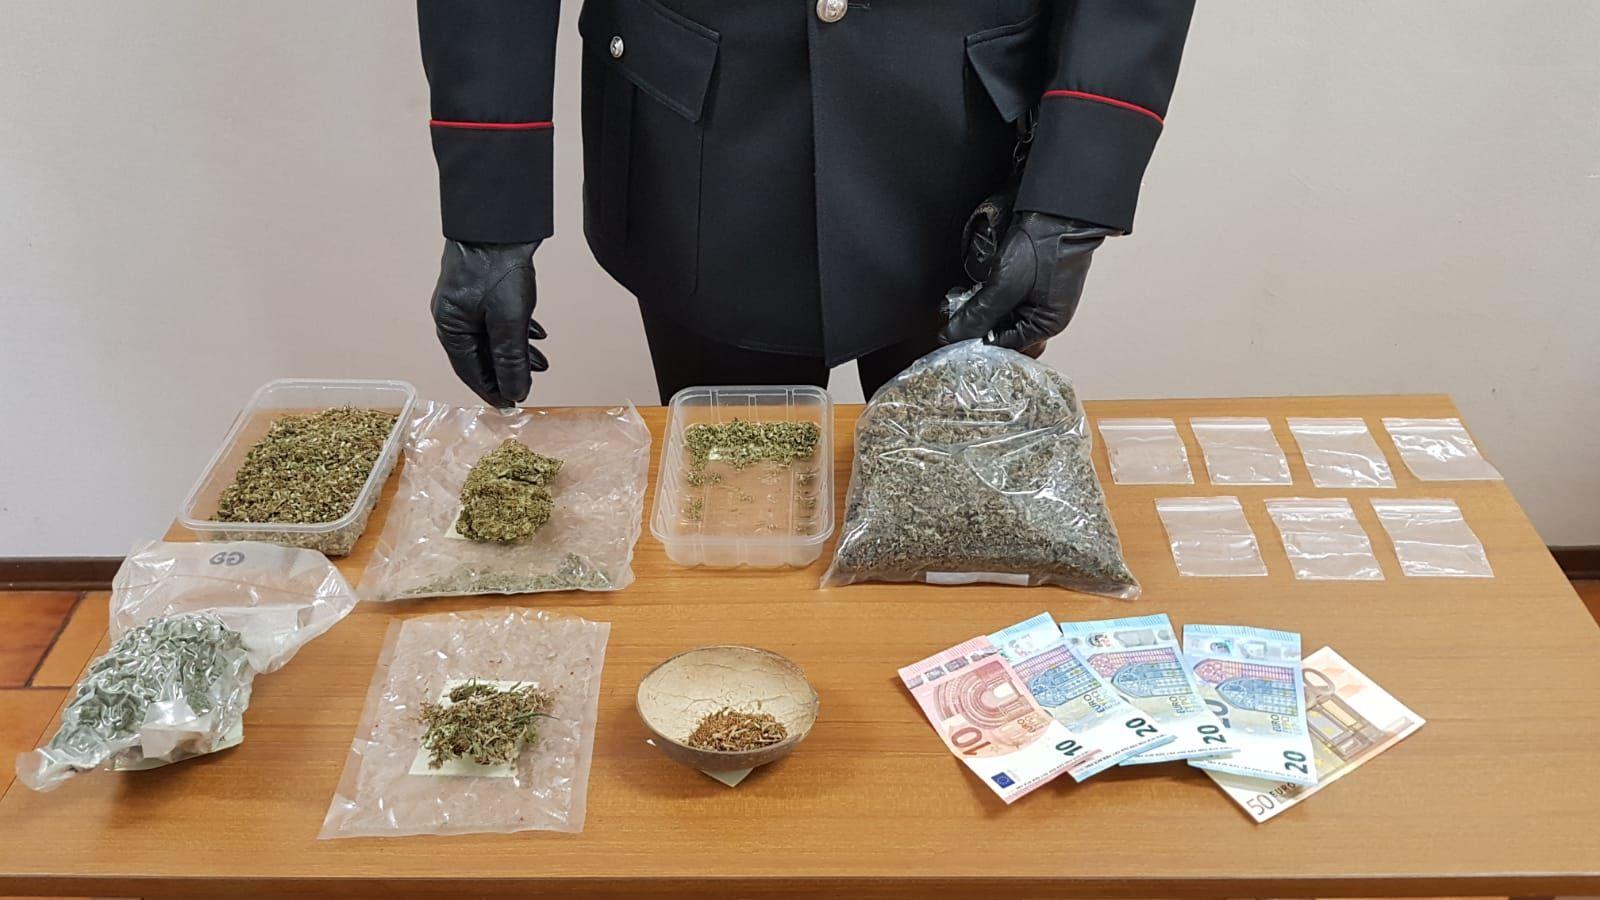 VALCHIUSA - Un altro arresto per spaccio di droga in Valchiusella: nei guai un 46enne incensurato